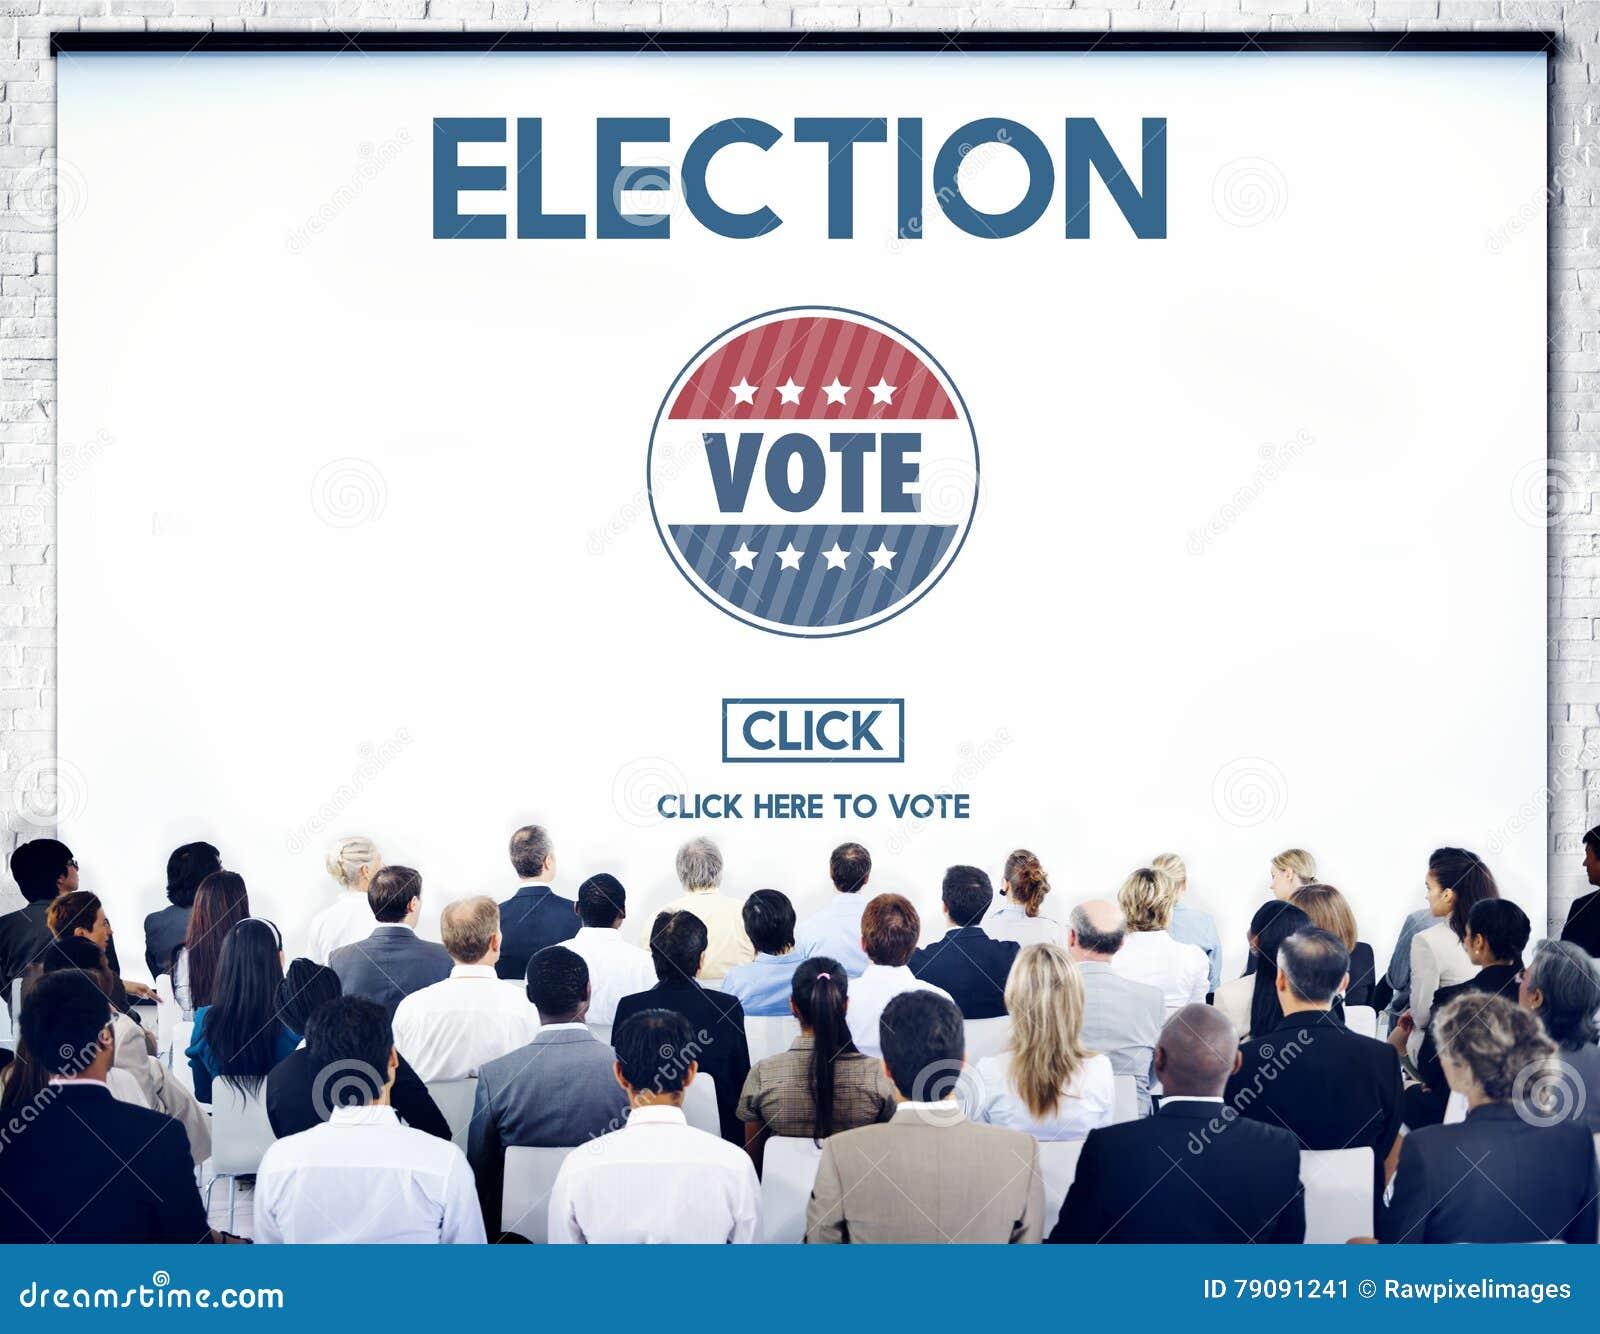 竞选表决政府挑选投票的概念